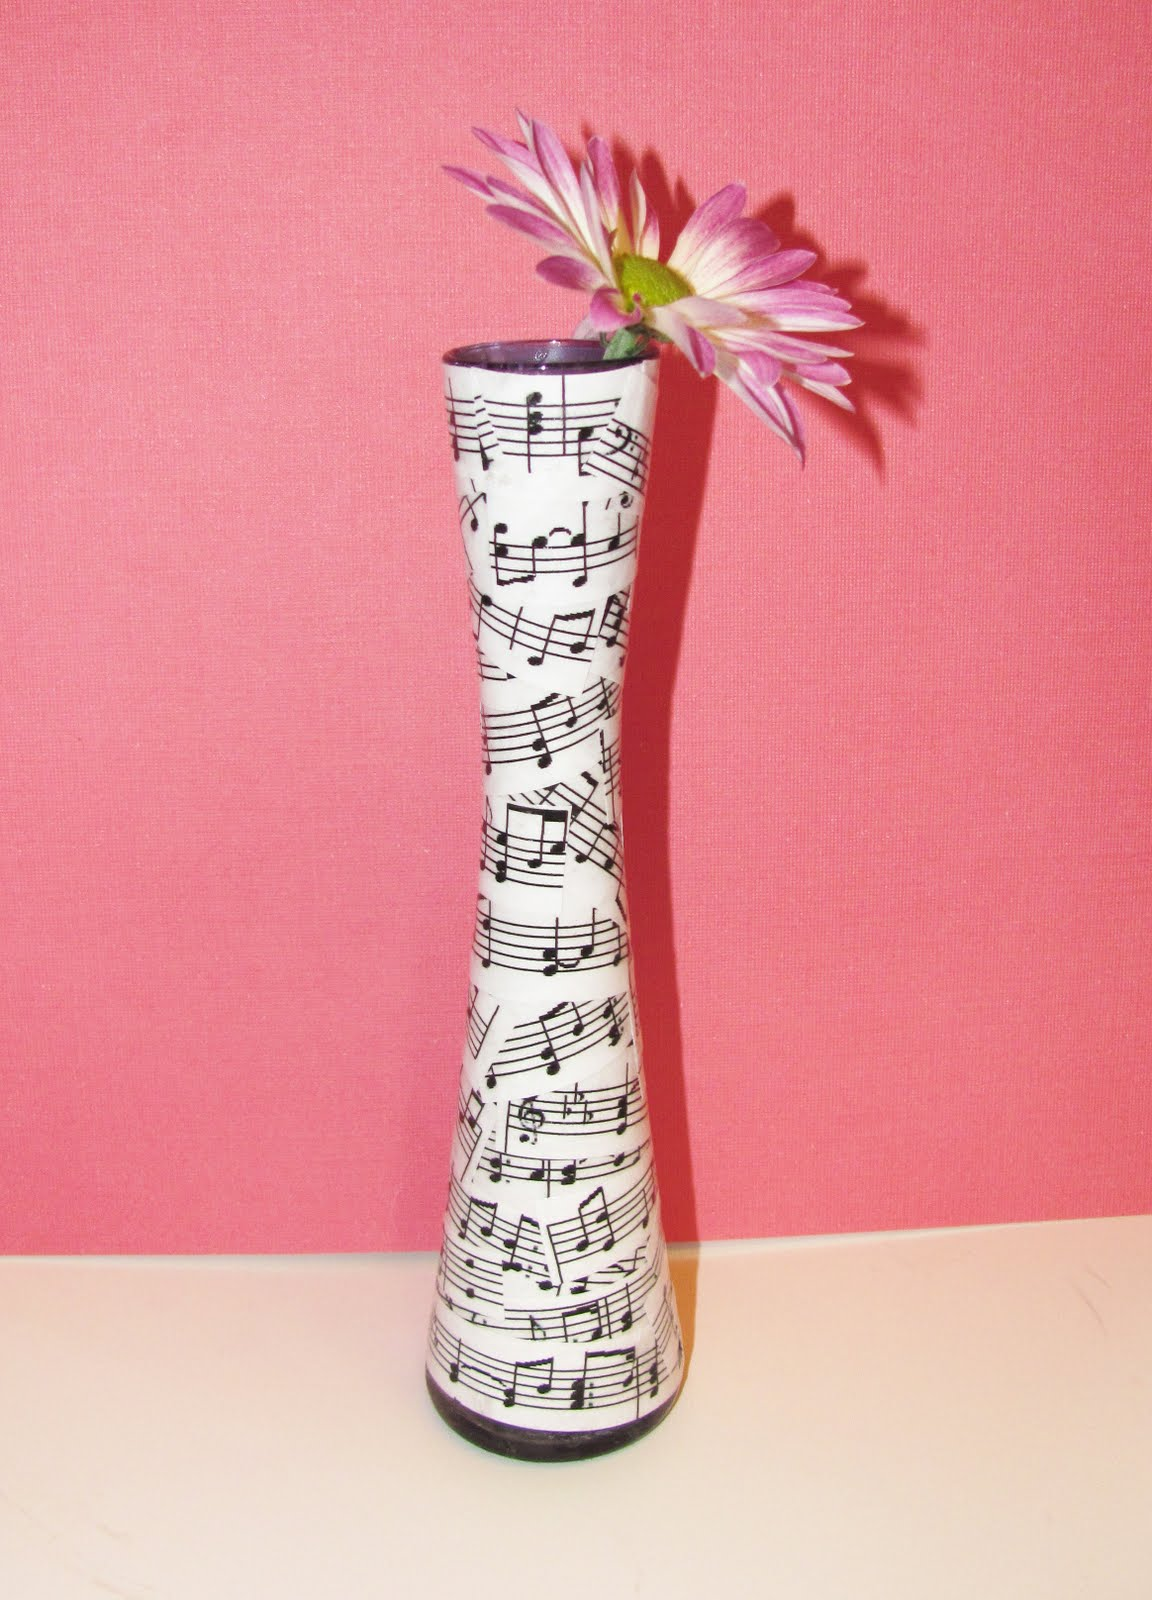 décor de vase decoupage